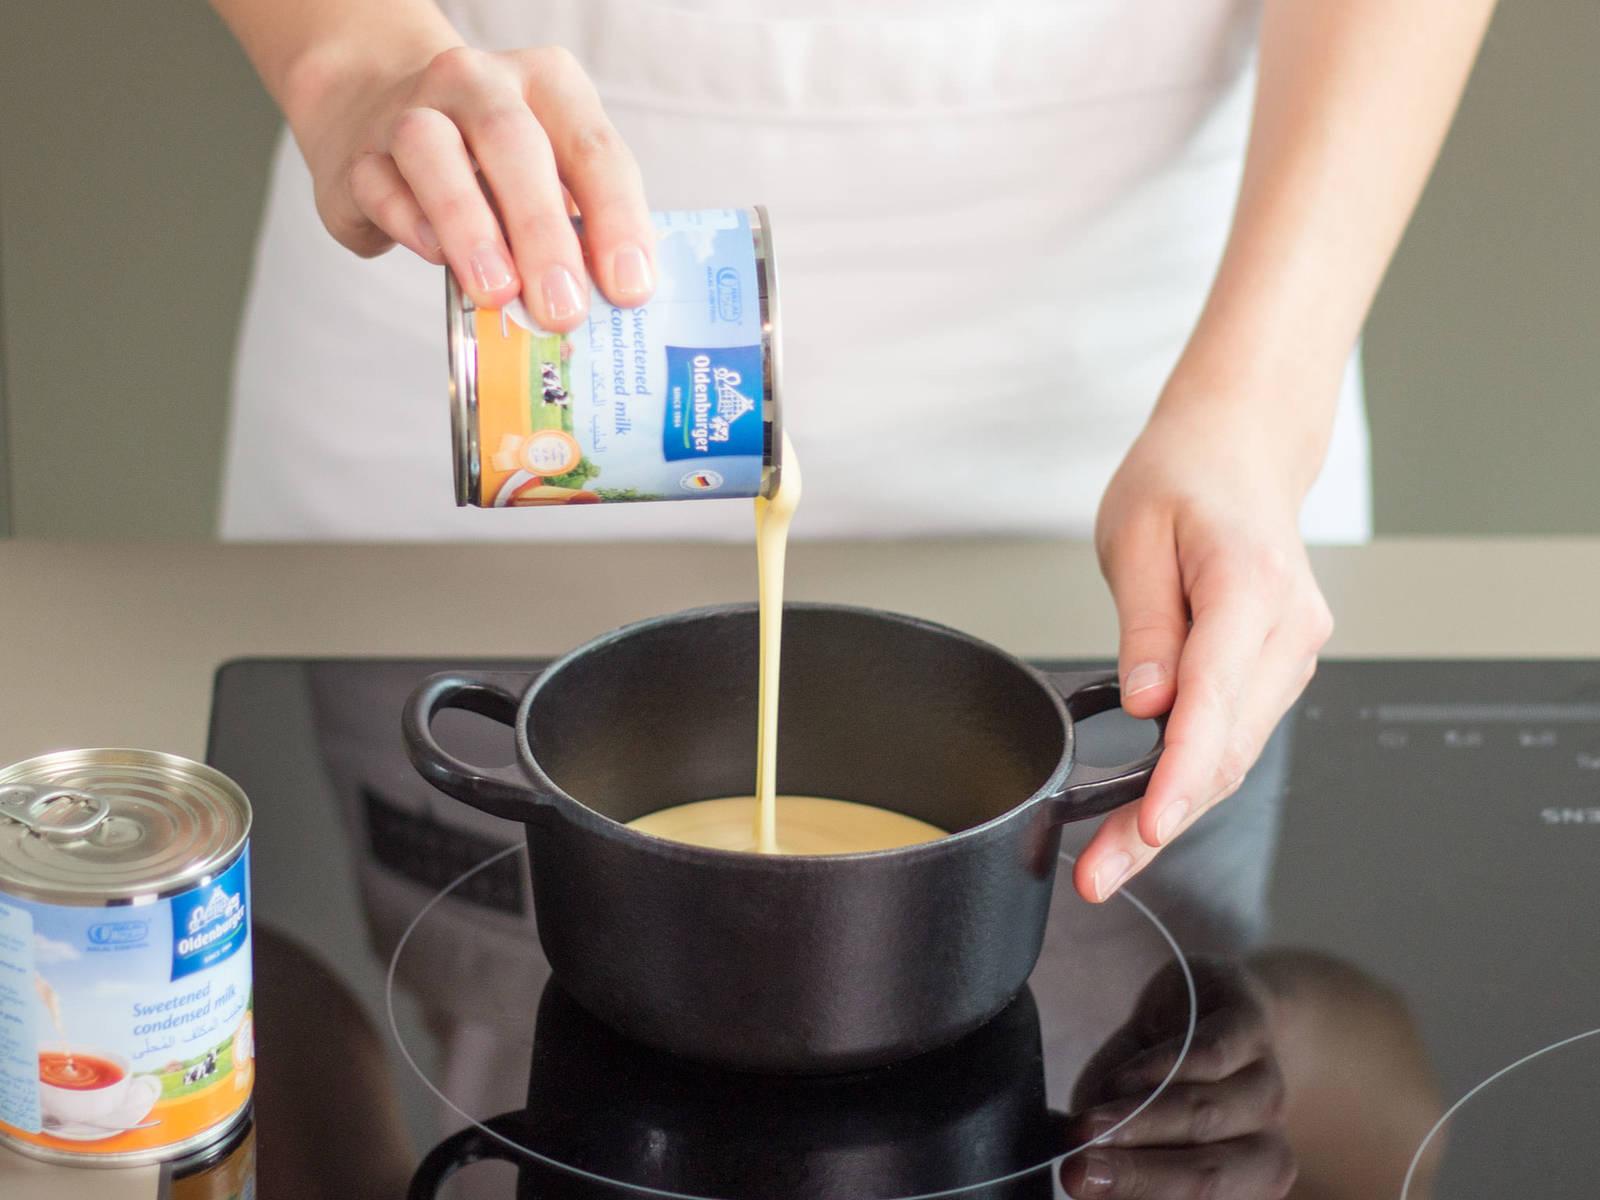 在小平底锅中,中火加热甜炼乳,煮3-5分钟。